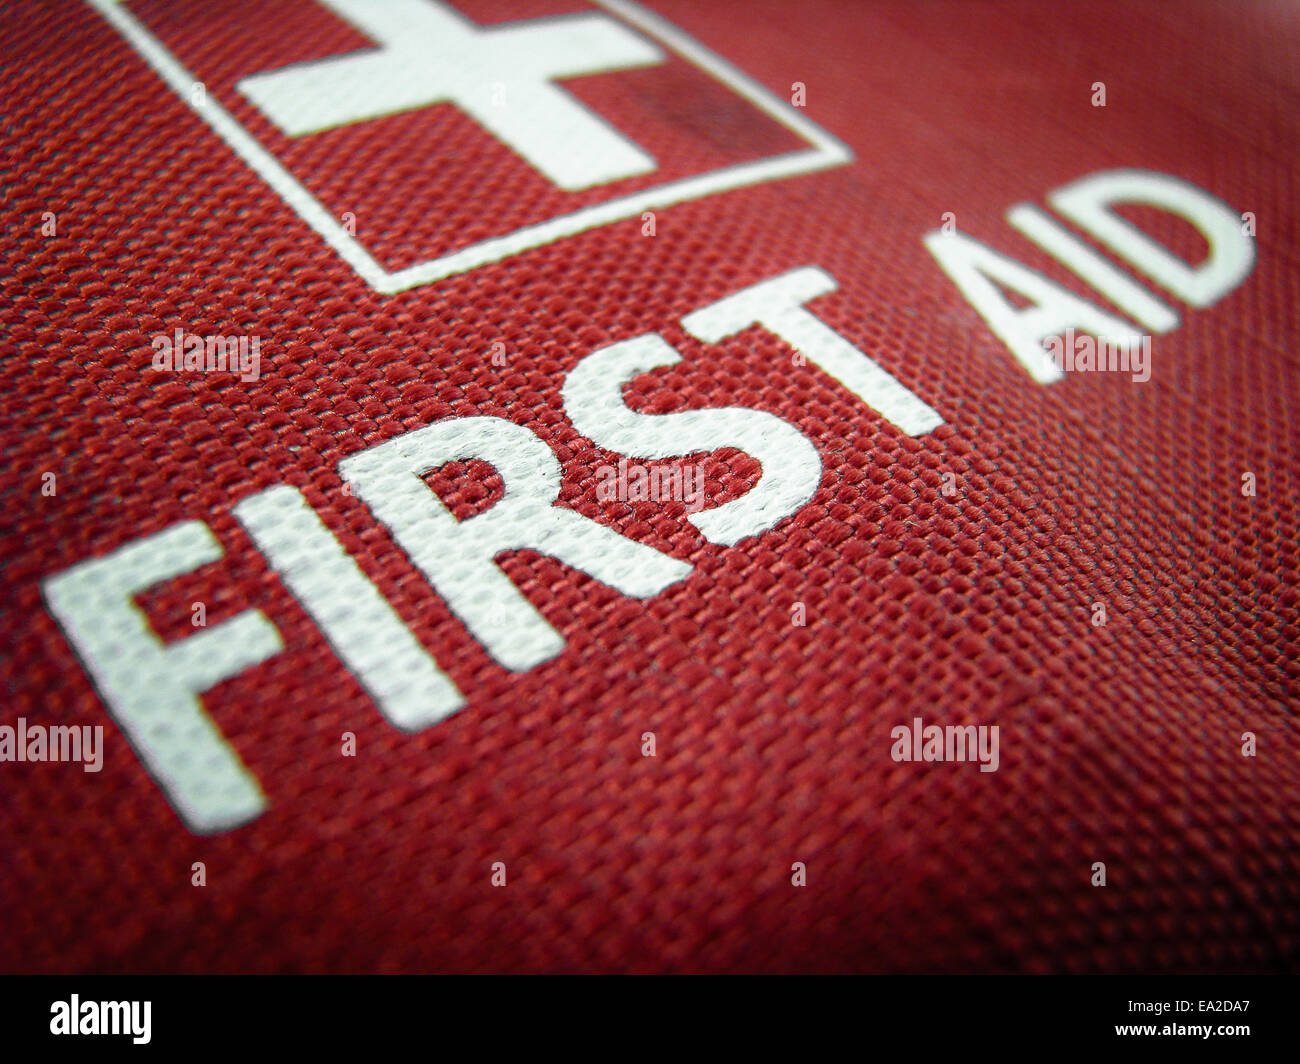 Immagine medica di un Kit di primo soccorso o Pack Immagini Stock